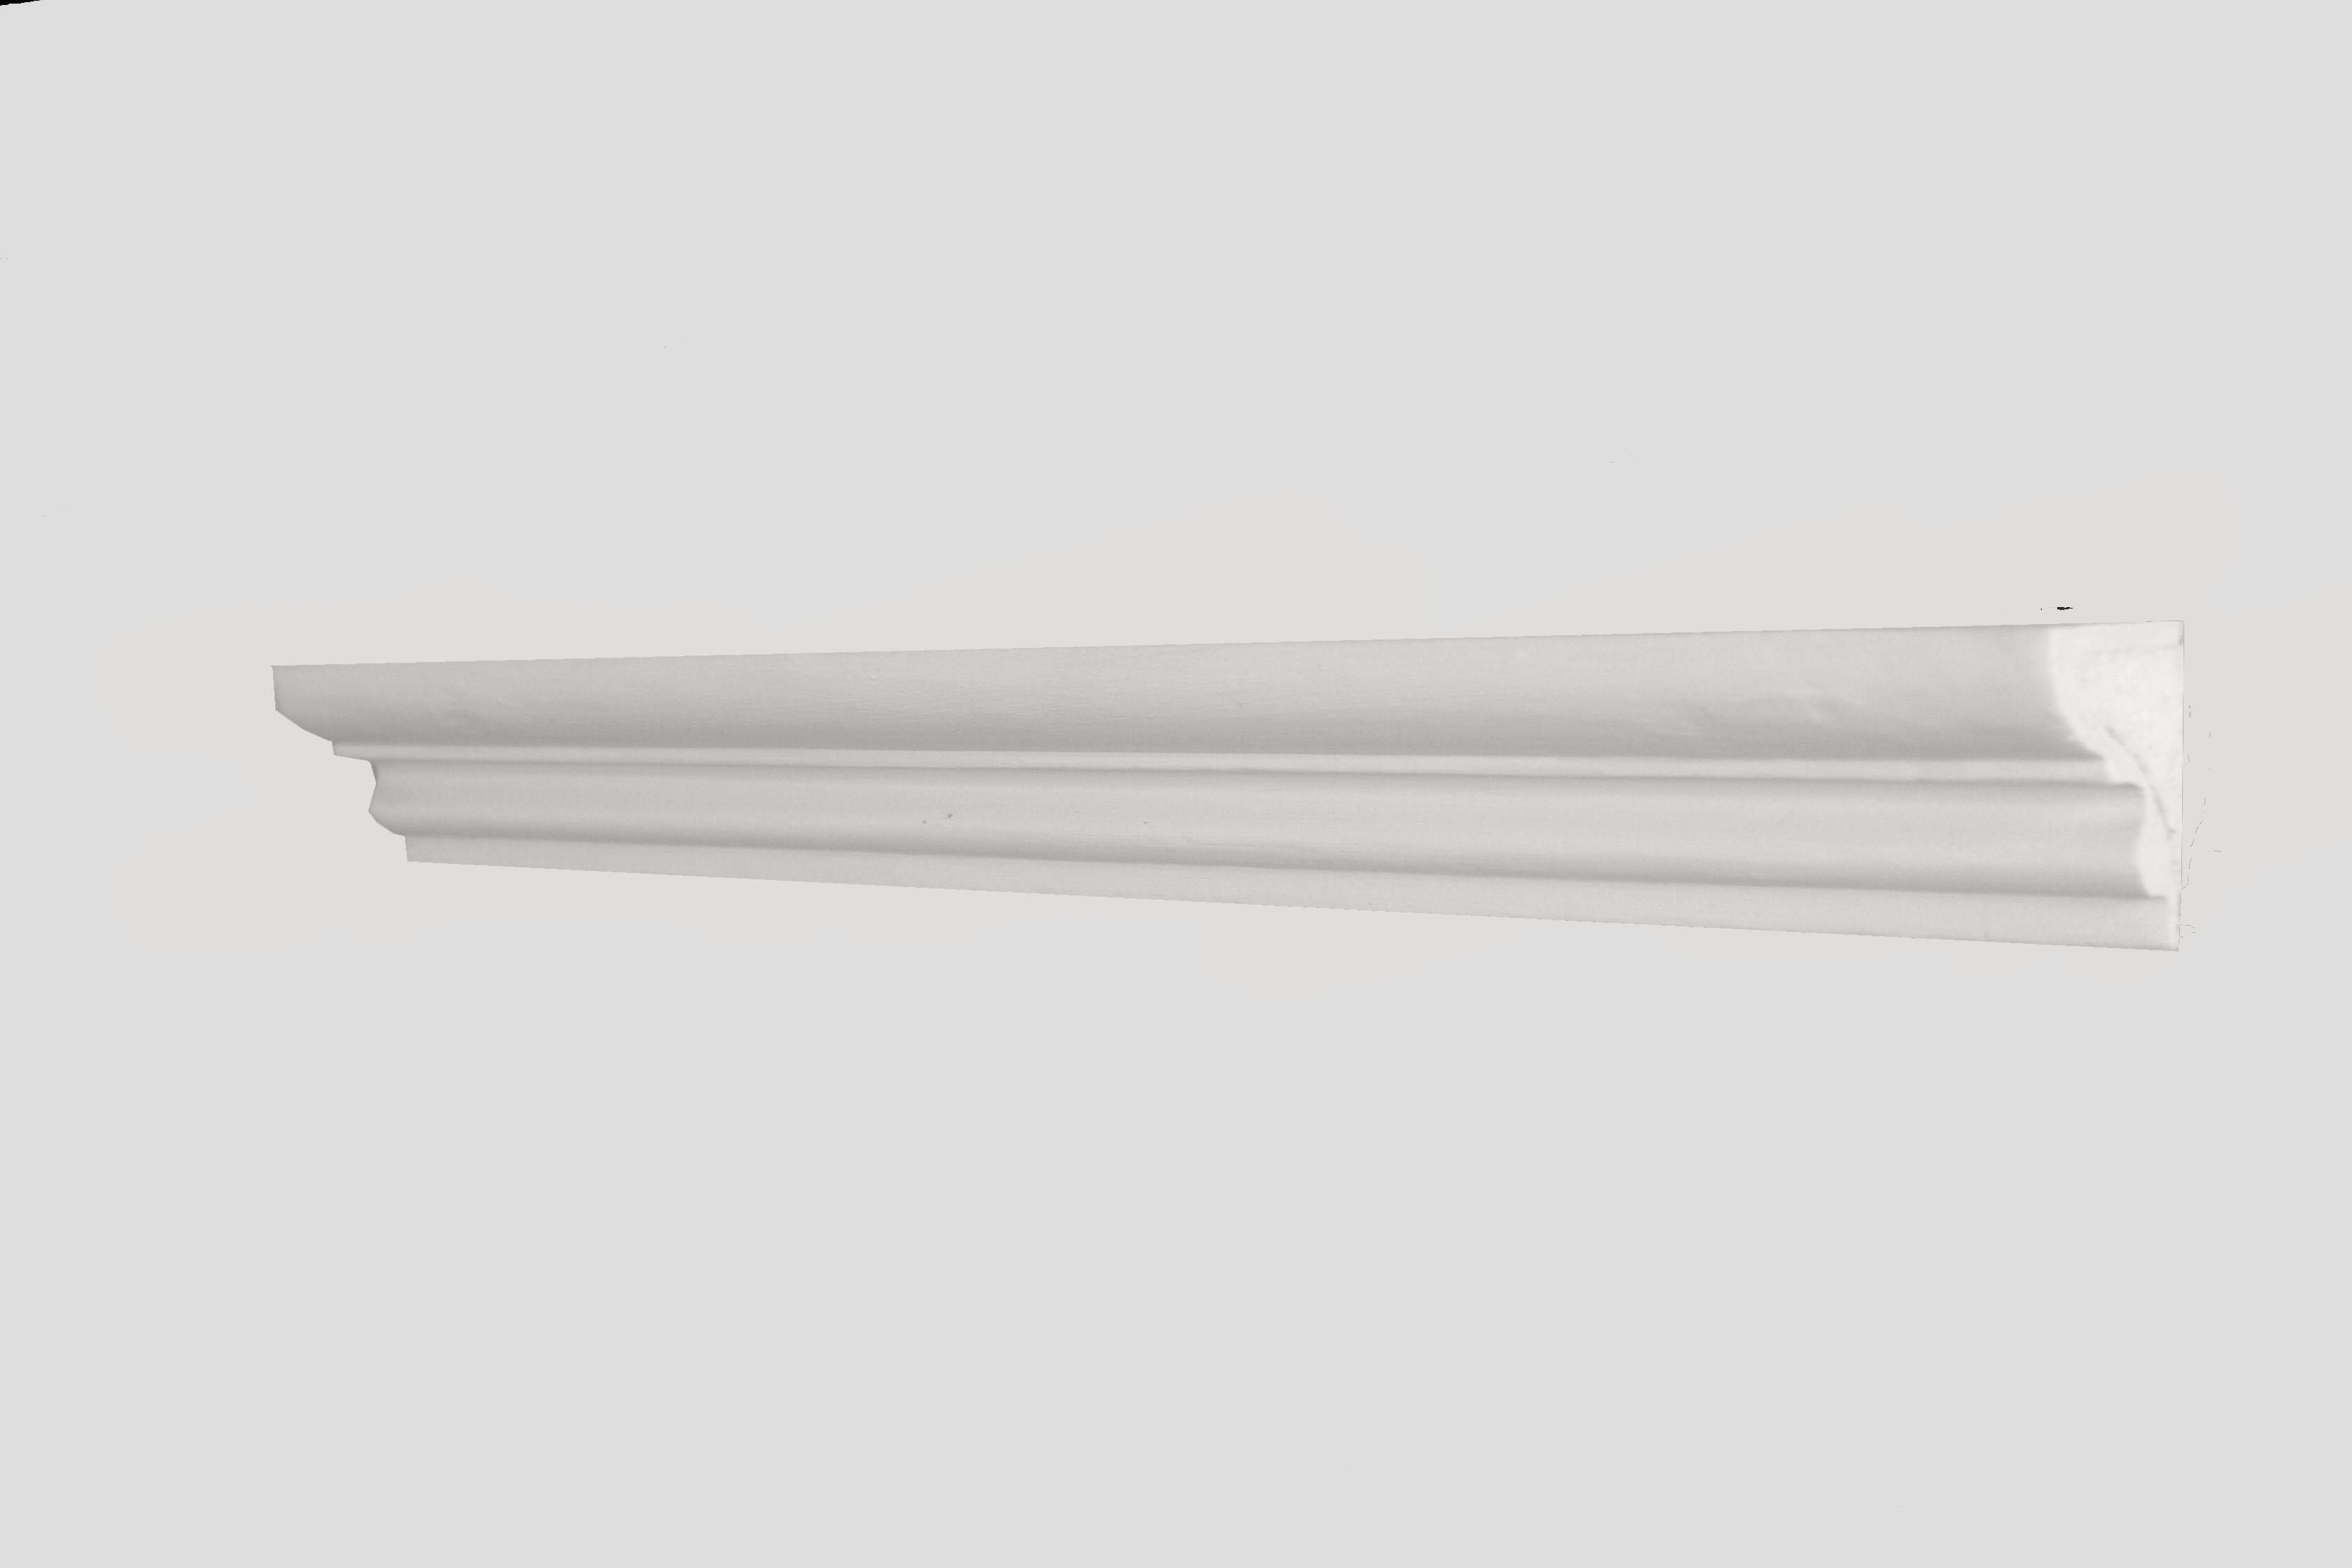 profil-1-103-4_4x5cm